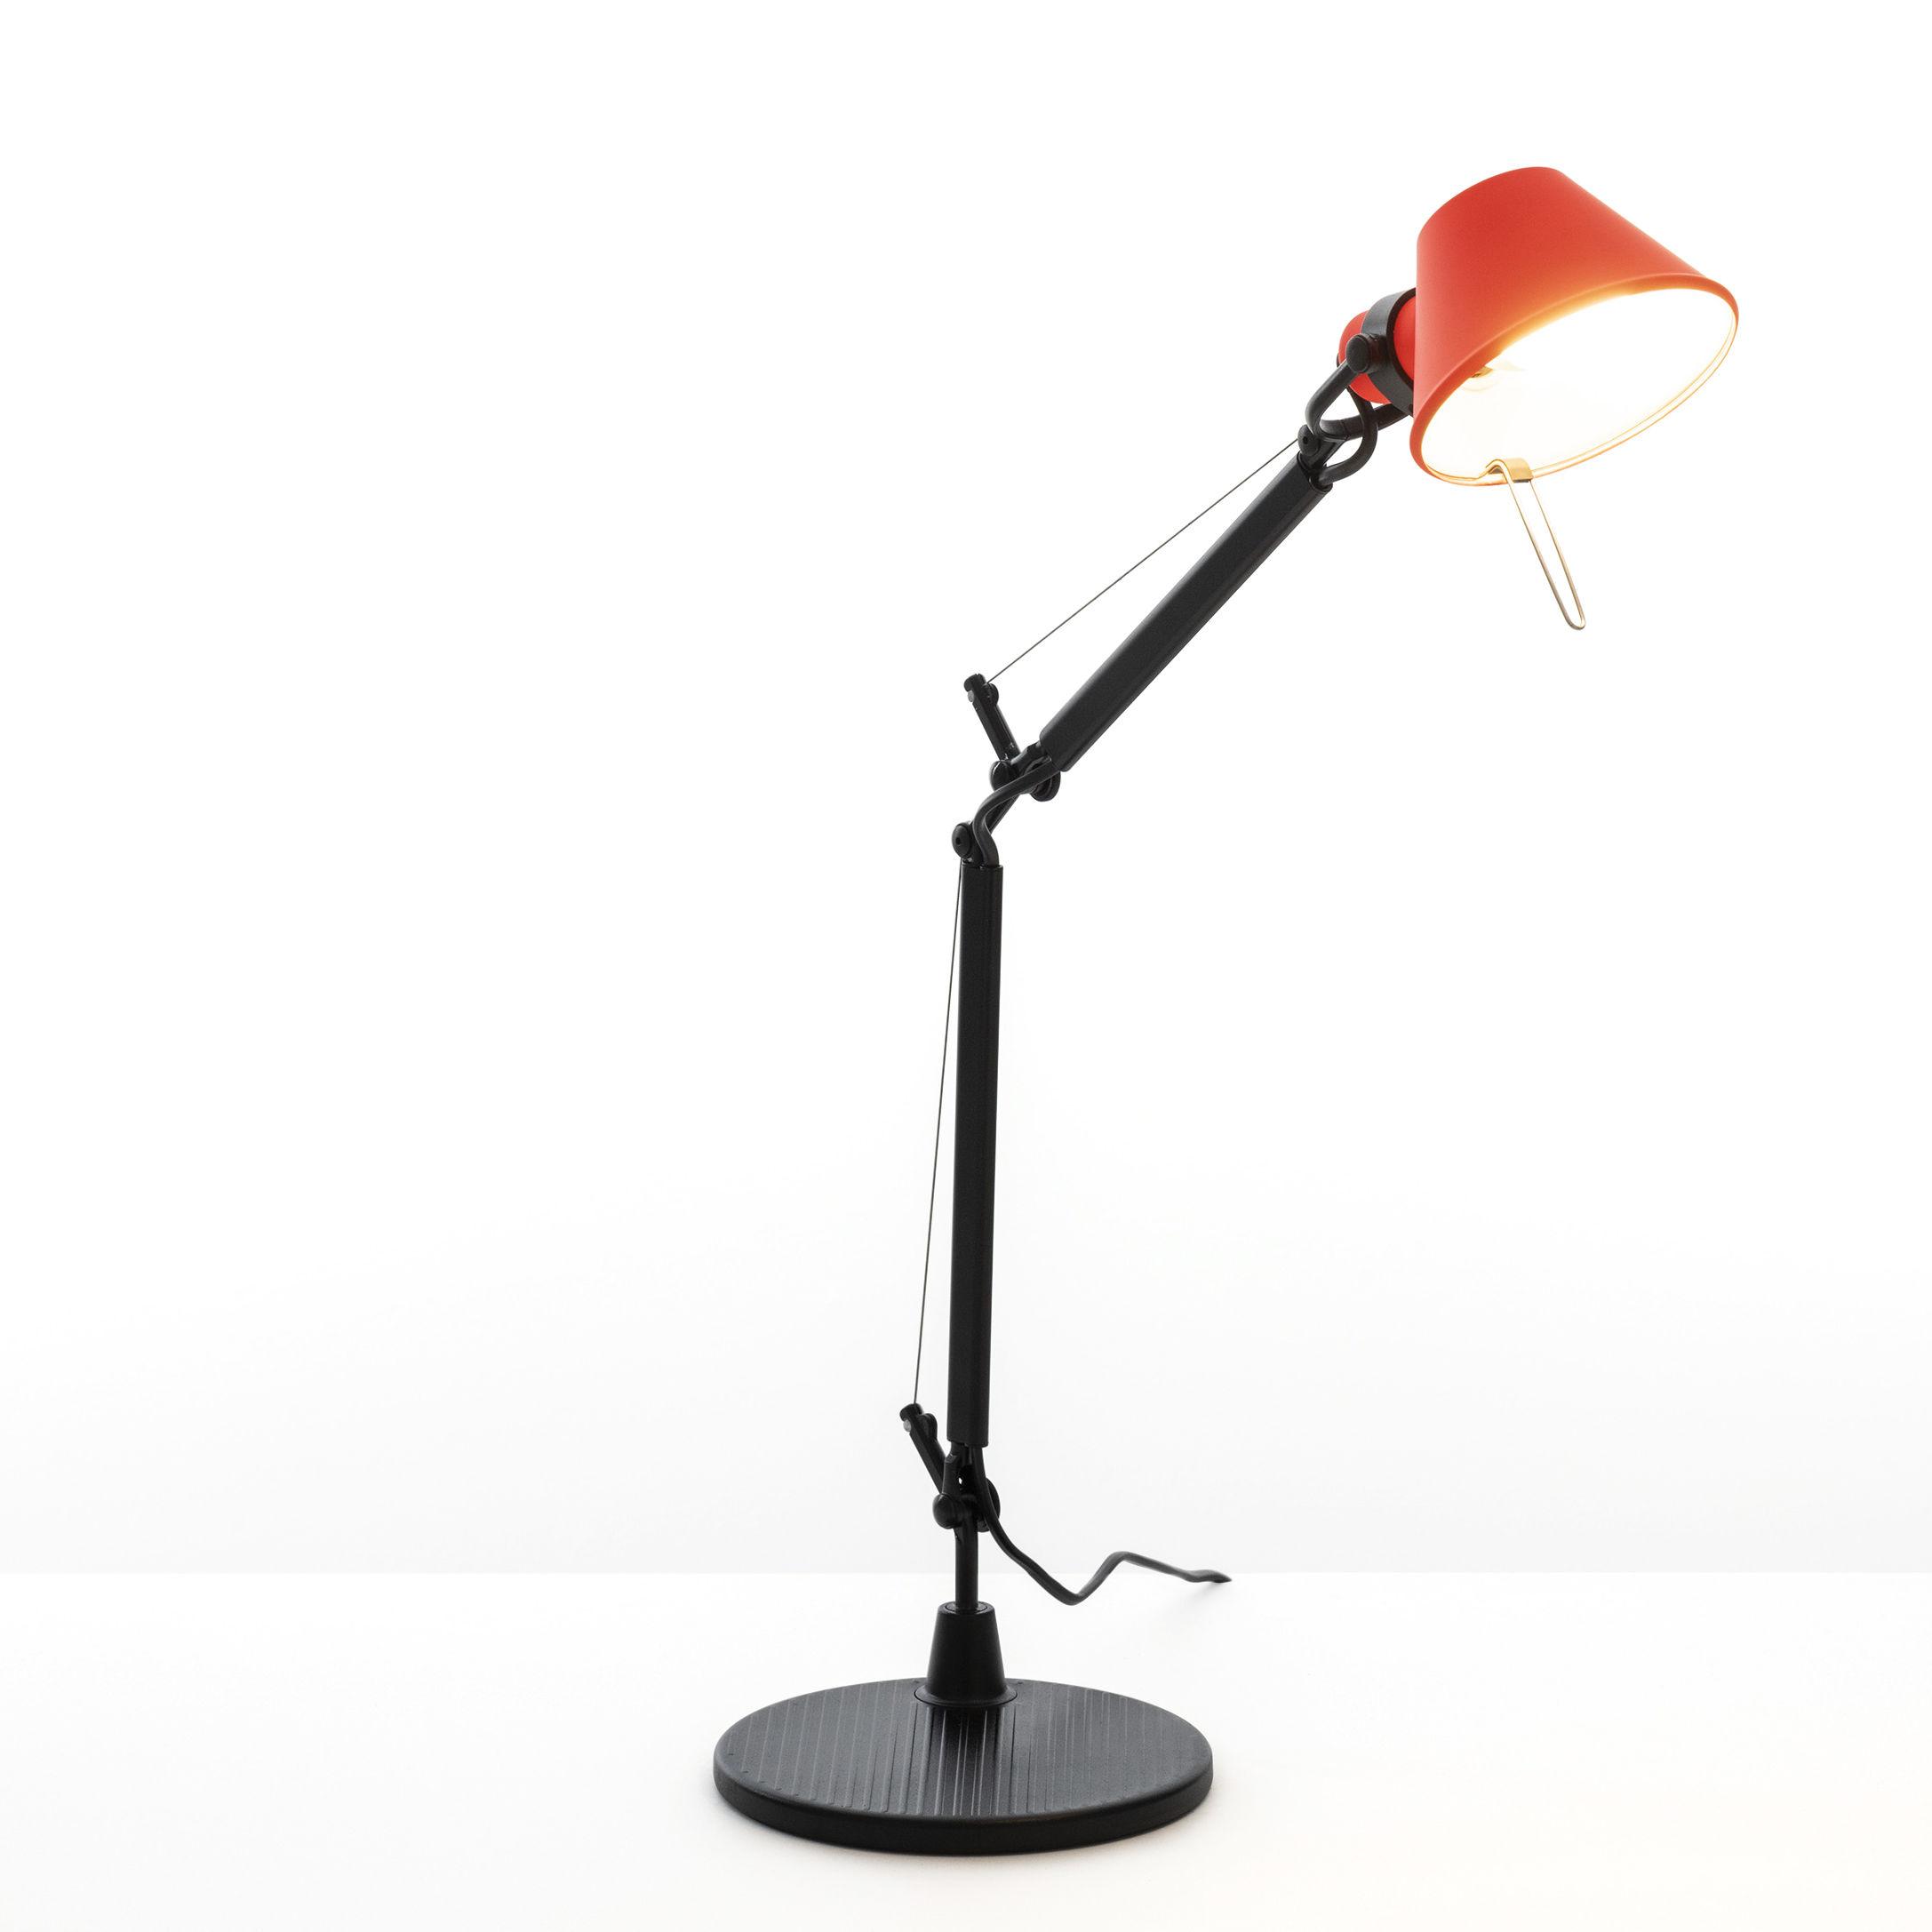 Illuminazione - Lampade da tavolo - Lampada da tavolo Tolomeo Micro Bicolor di Artemide - Corallo / Nero - Acciaio, Alluminio